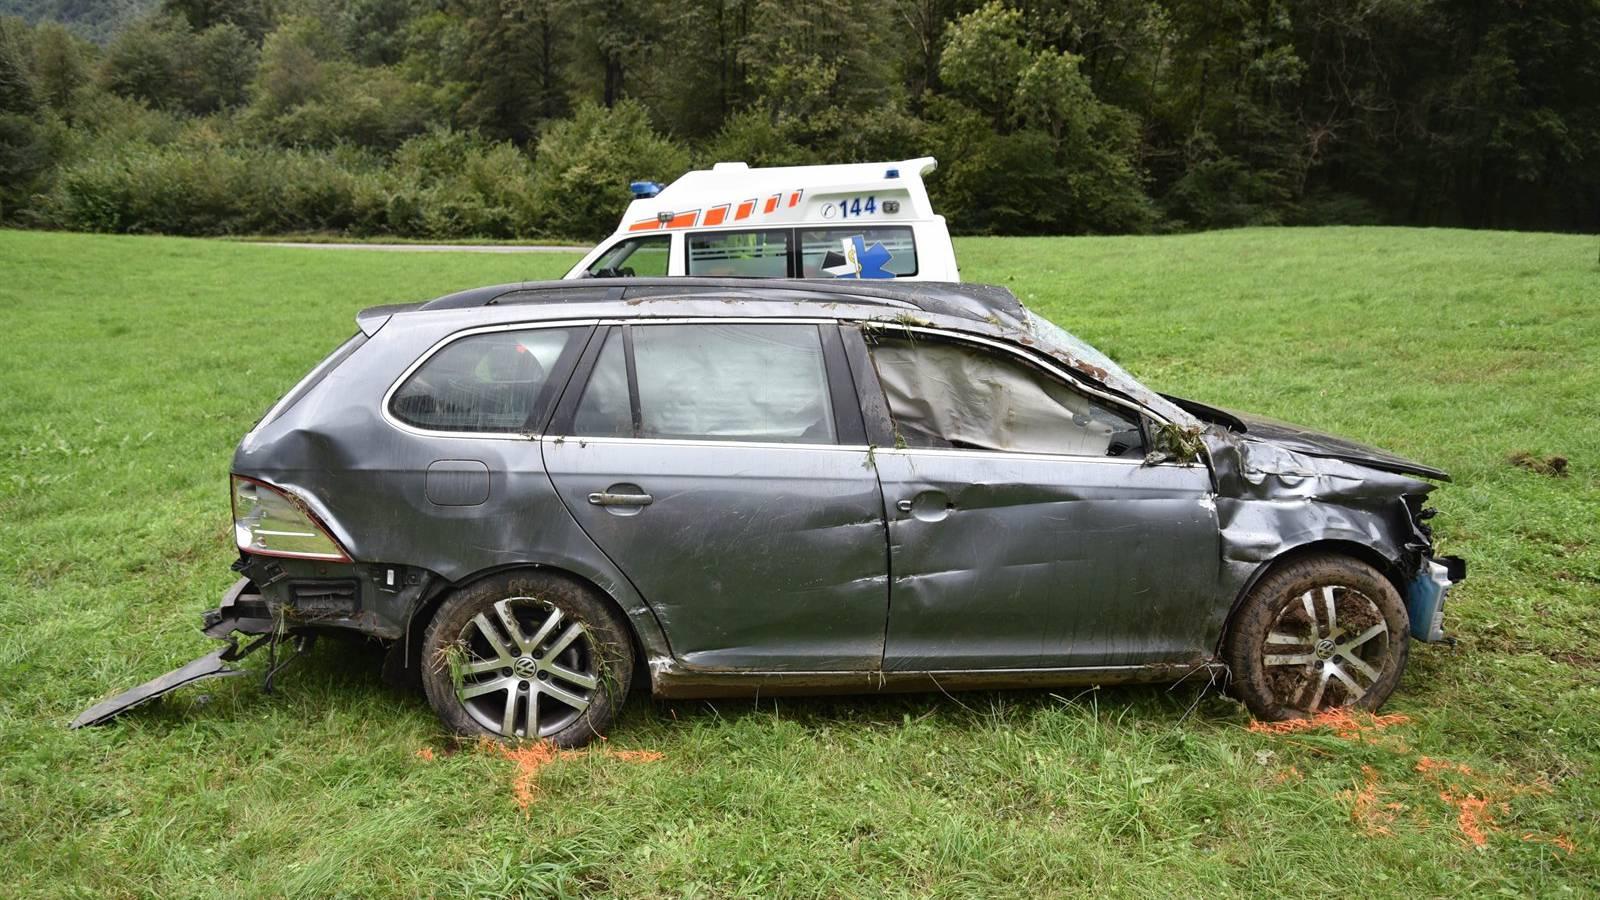 Die Insassen des Fahrzeugs wurden beide verletzt.